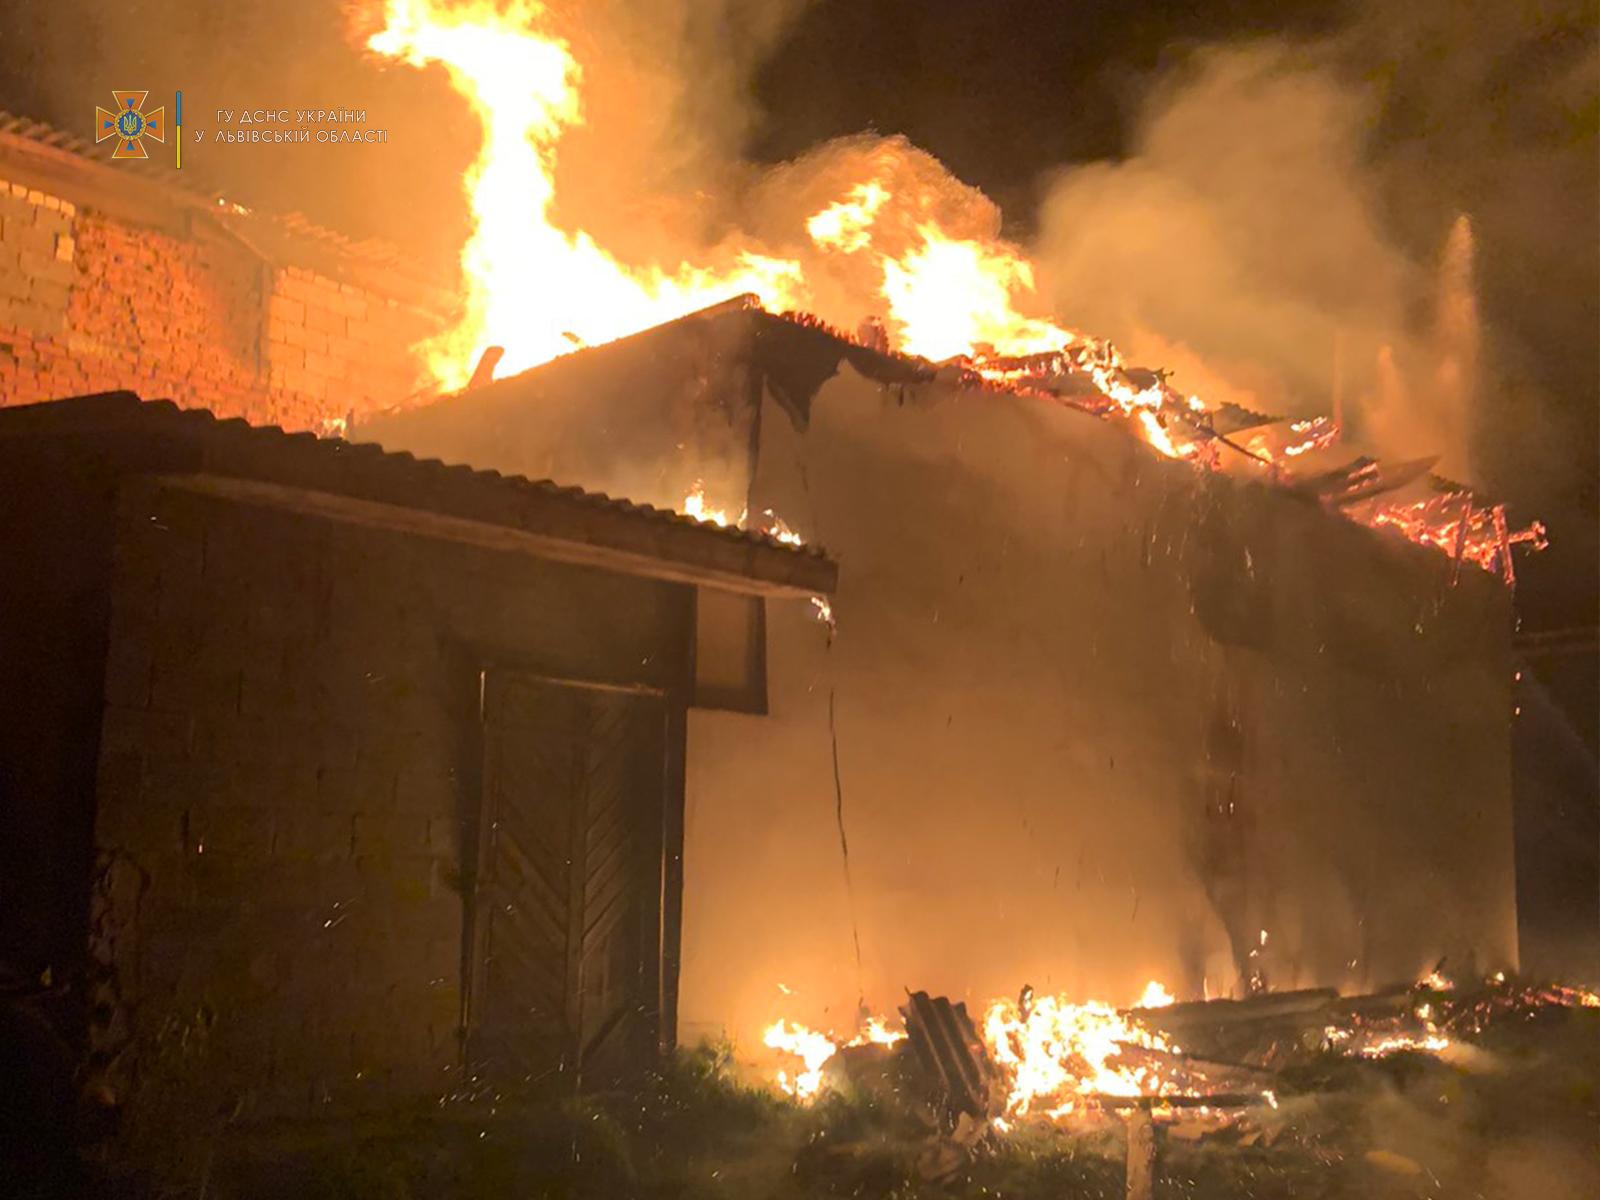 У селі Романівка горіло деревообробного підприємство, а у селі Зубків – повністю згорів трактор